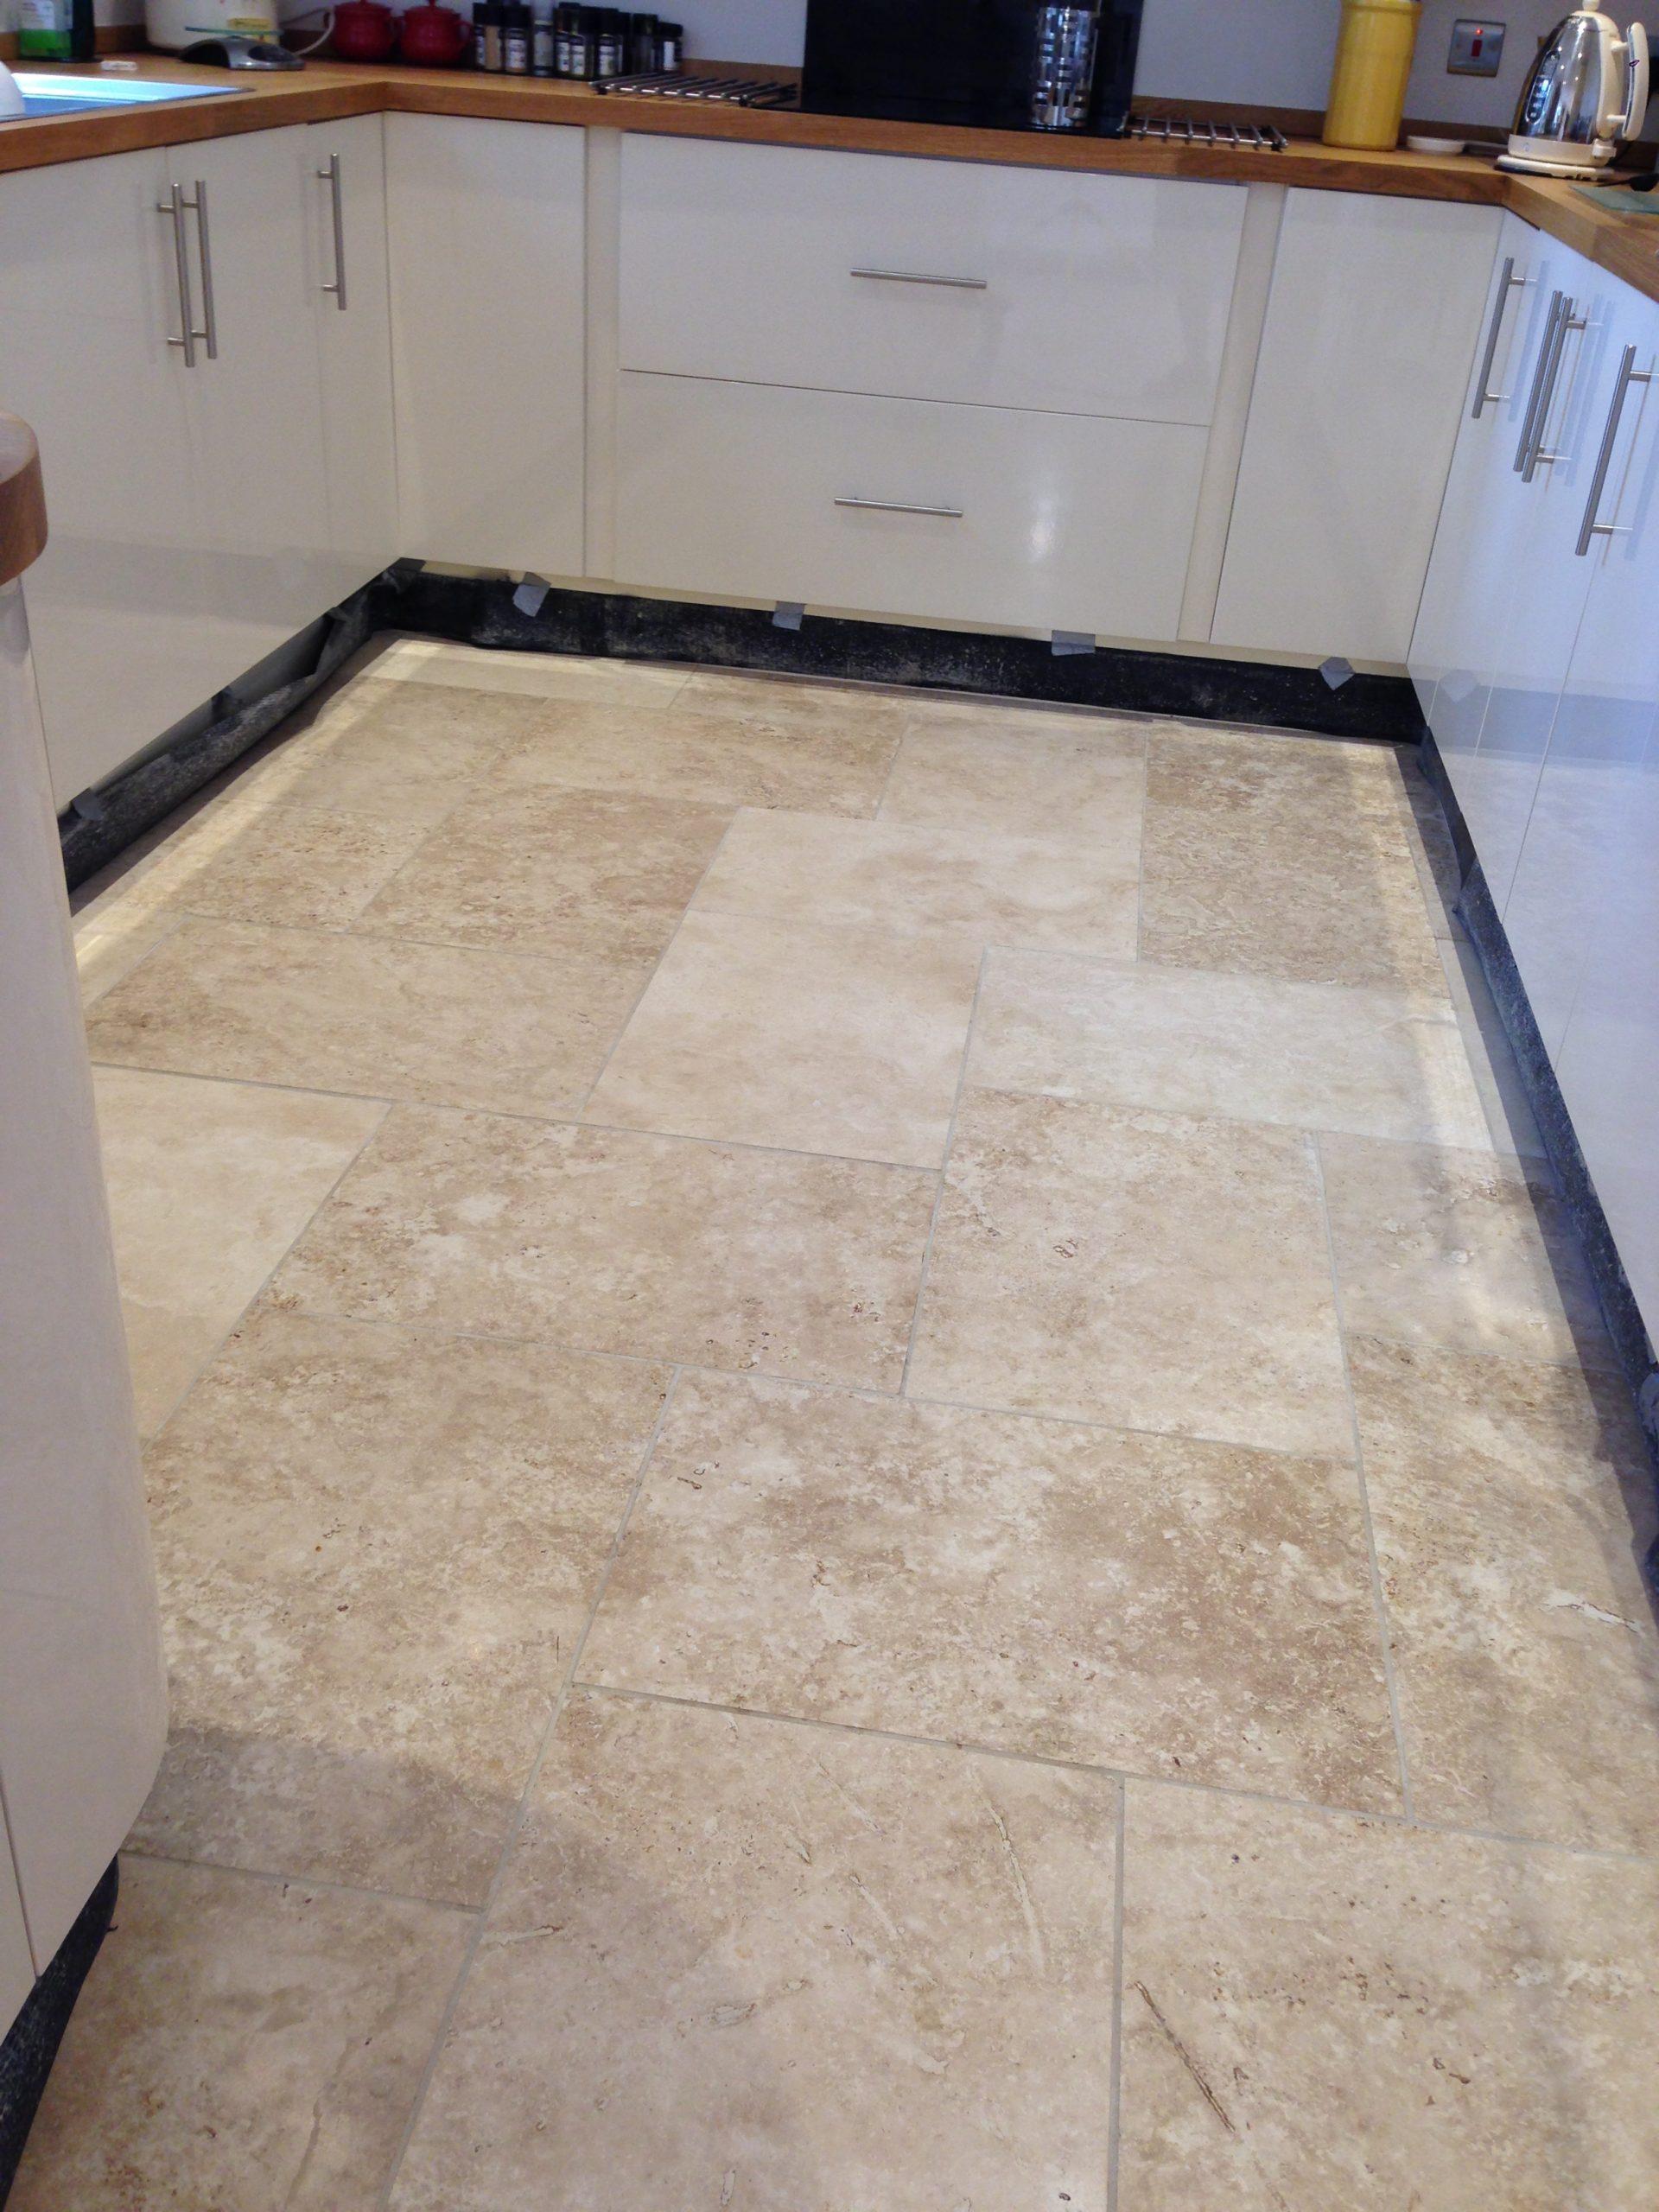 Cleaning Travertine kitchen floor Travertine kitchen floor tiles before cleaning & polishing1